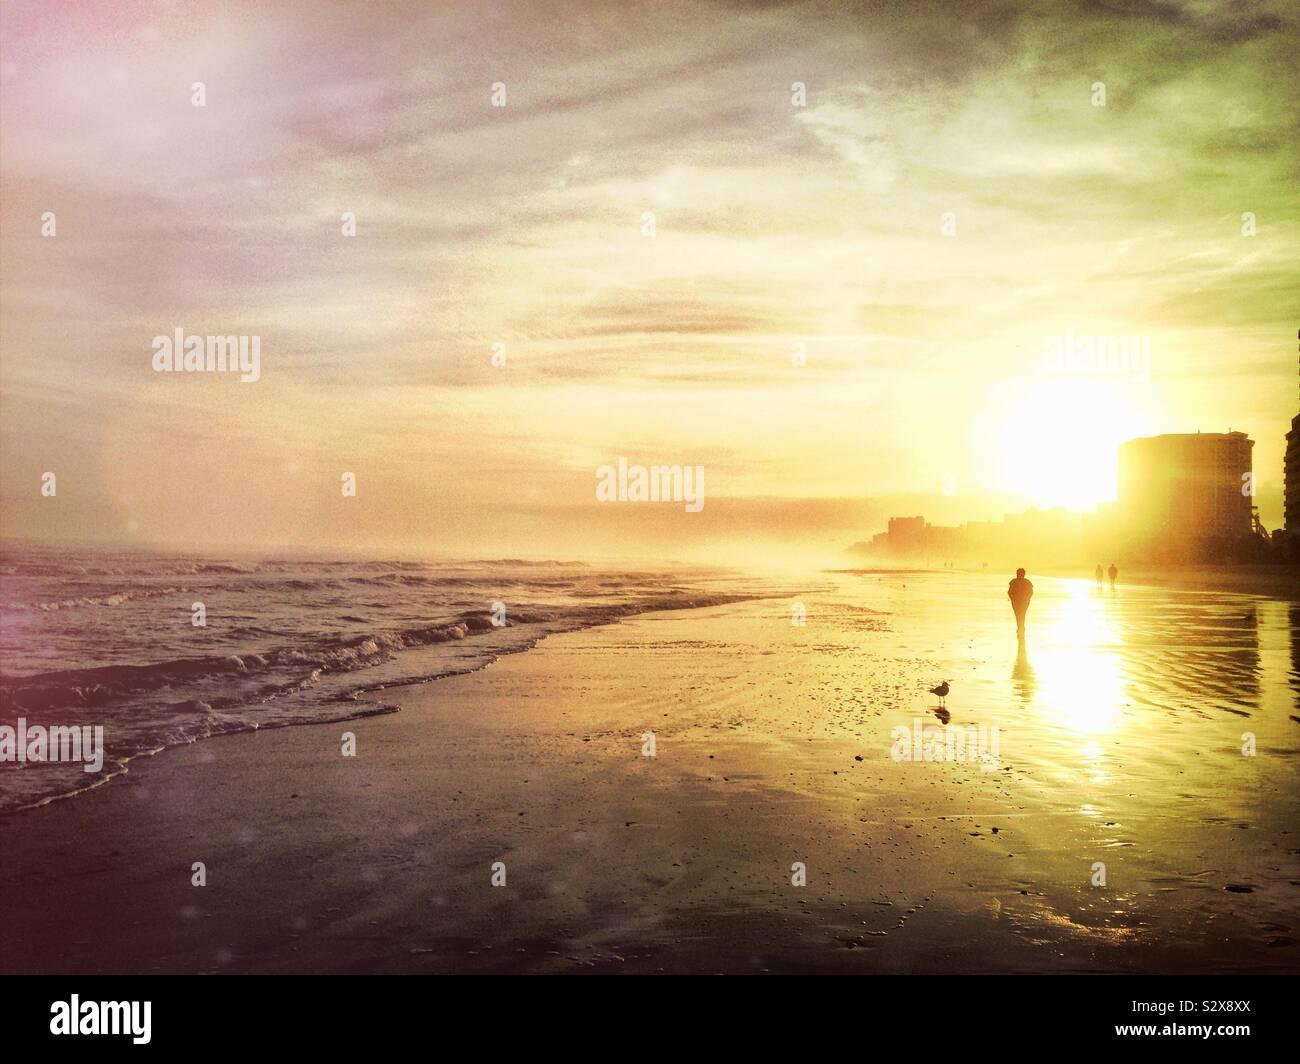 La gente camminare sulla spiaggia durante il tramonto in Myrtle Beach South Carolina. Foto Stock